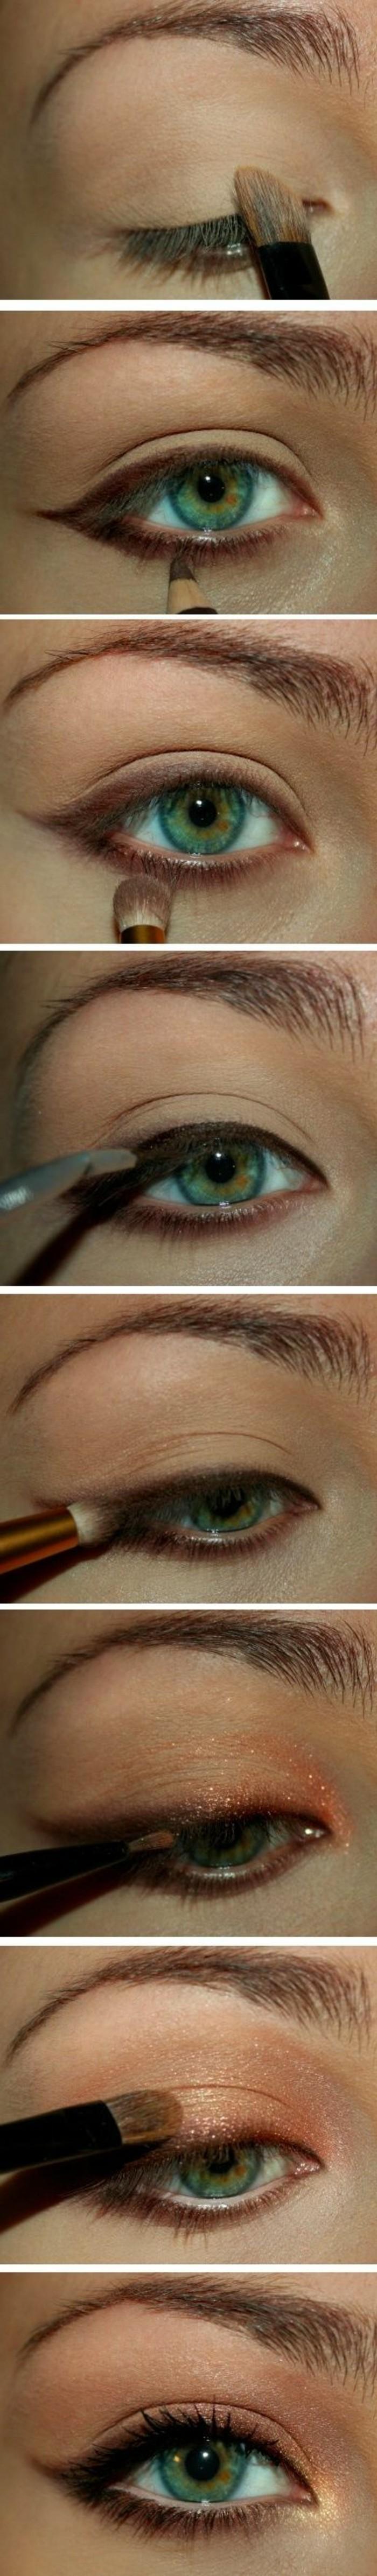 maquillage-de-chat-maquillage-facile-pas-a-pas-liner-noir-et-fard-marron